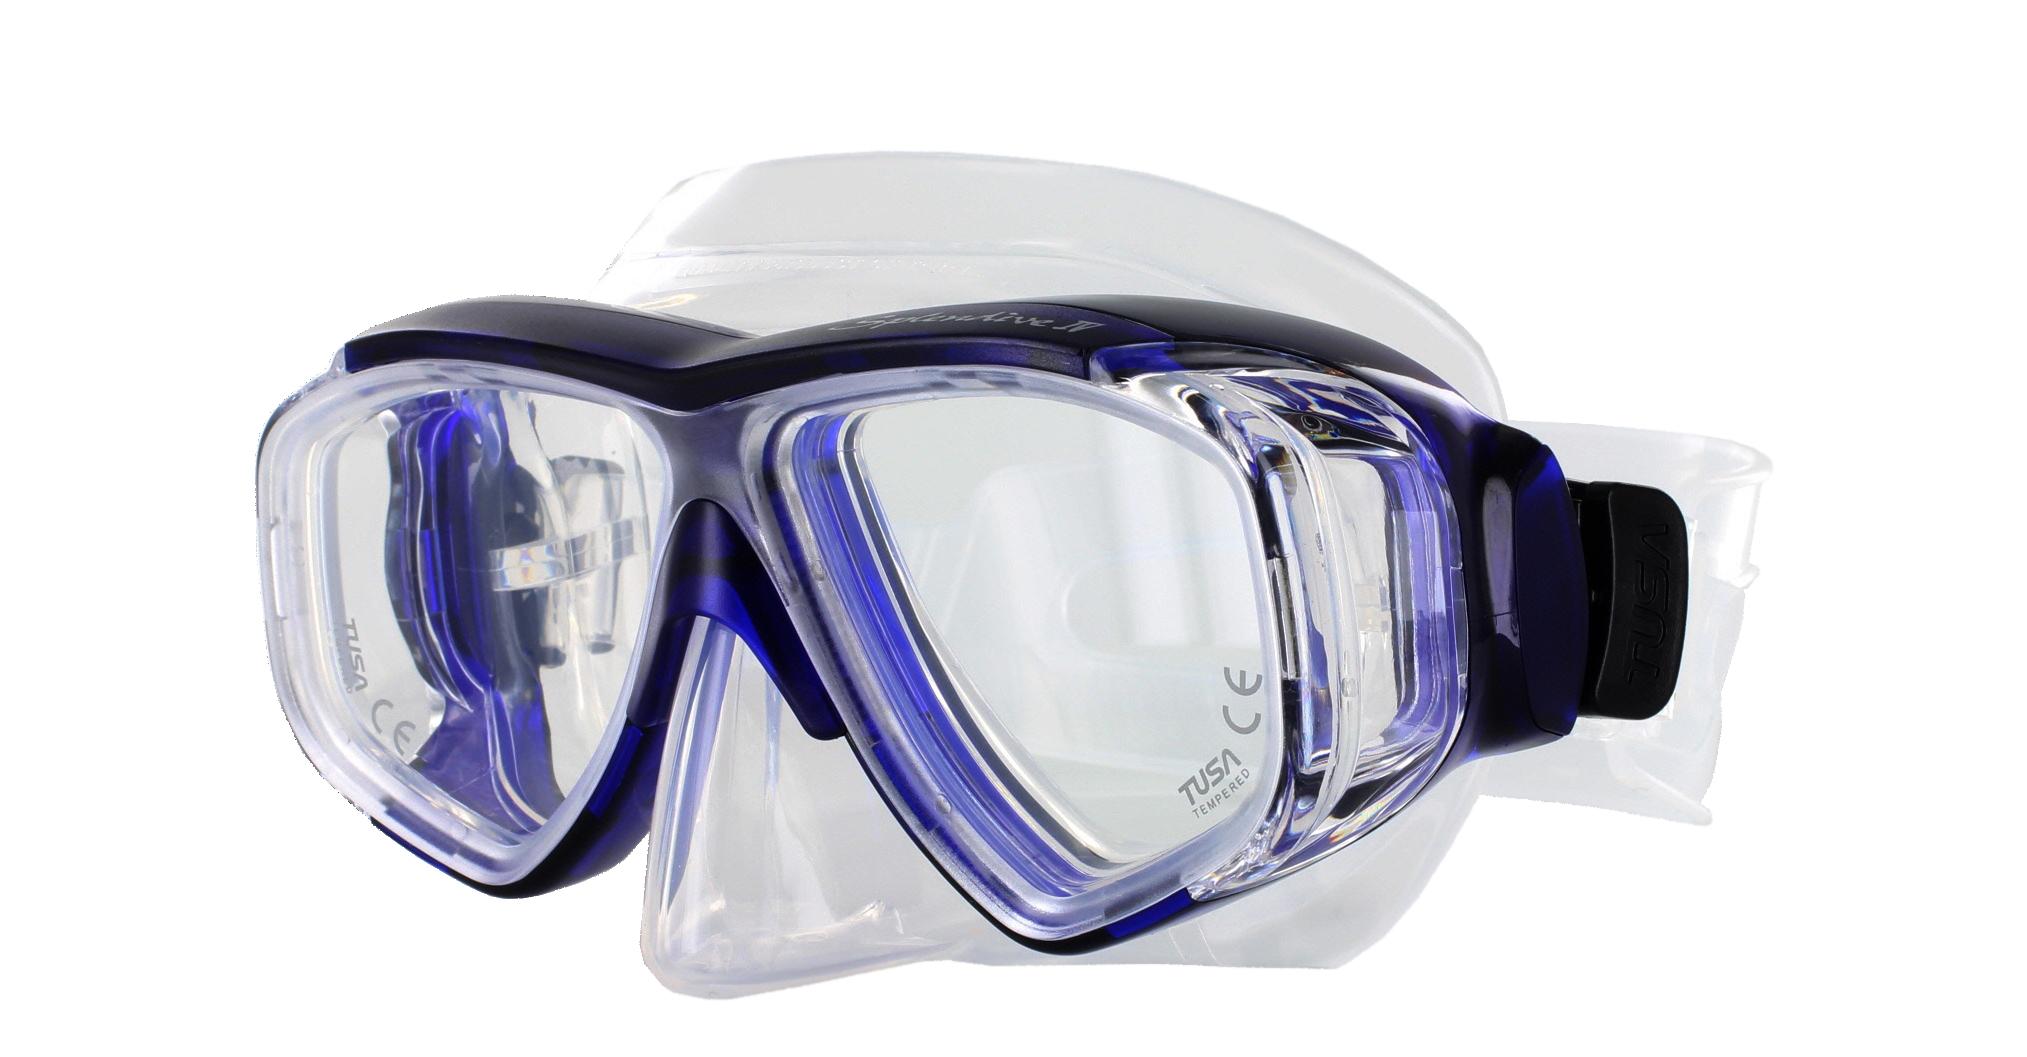 Tusa Splendive M-40 Clear Silicon - Blue Schräge Ansicht